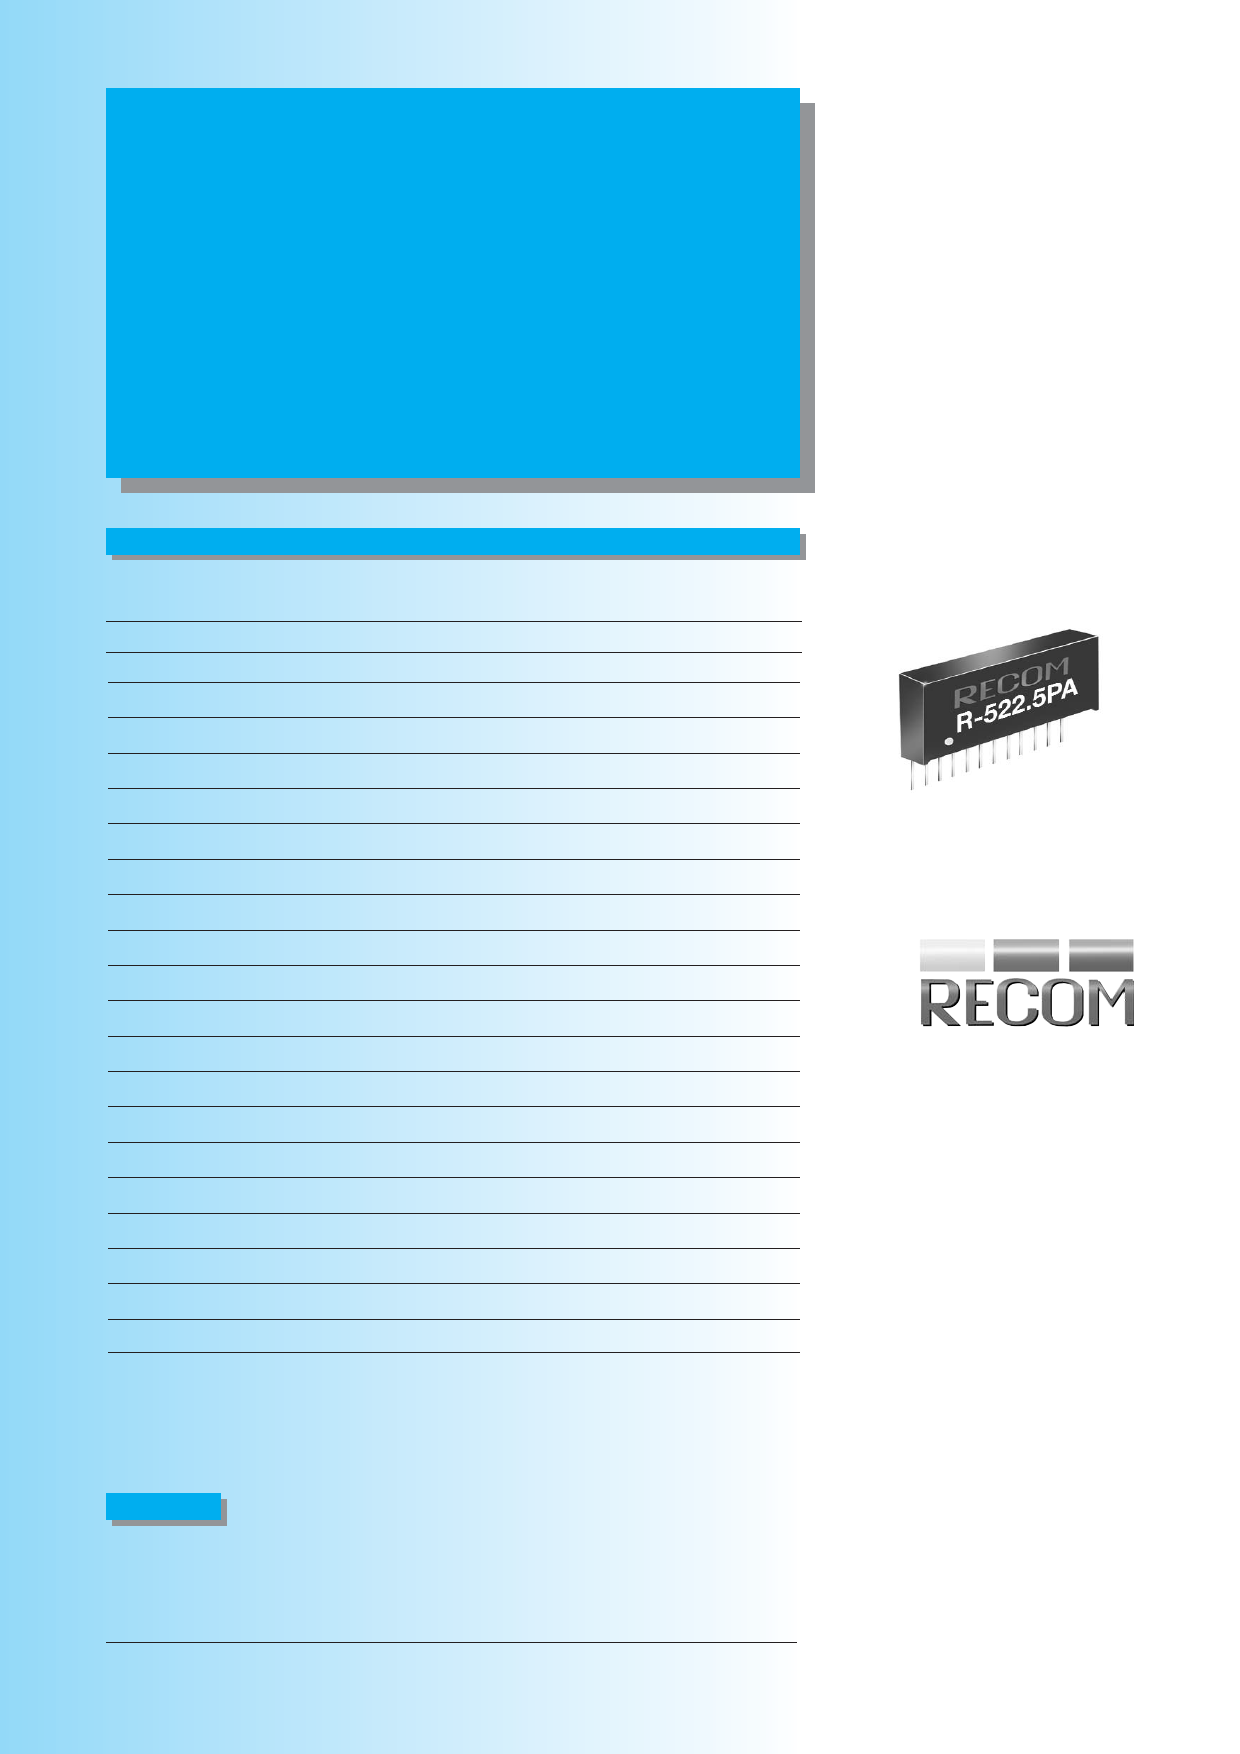 R-5xxxxPA دیتاشیت PDF